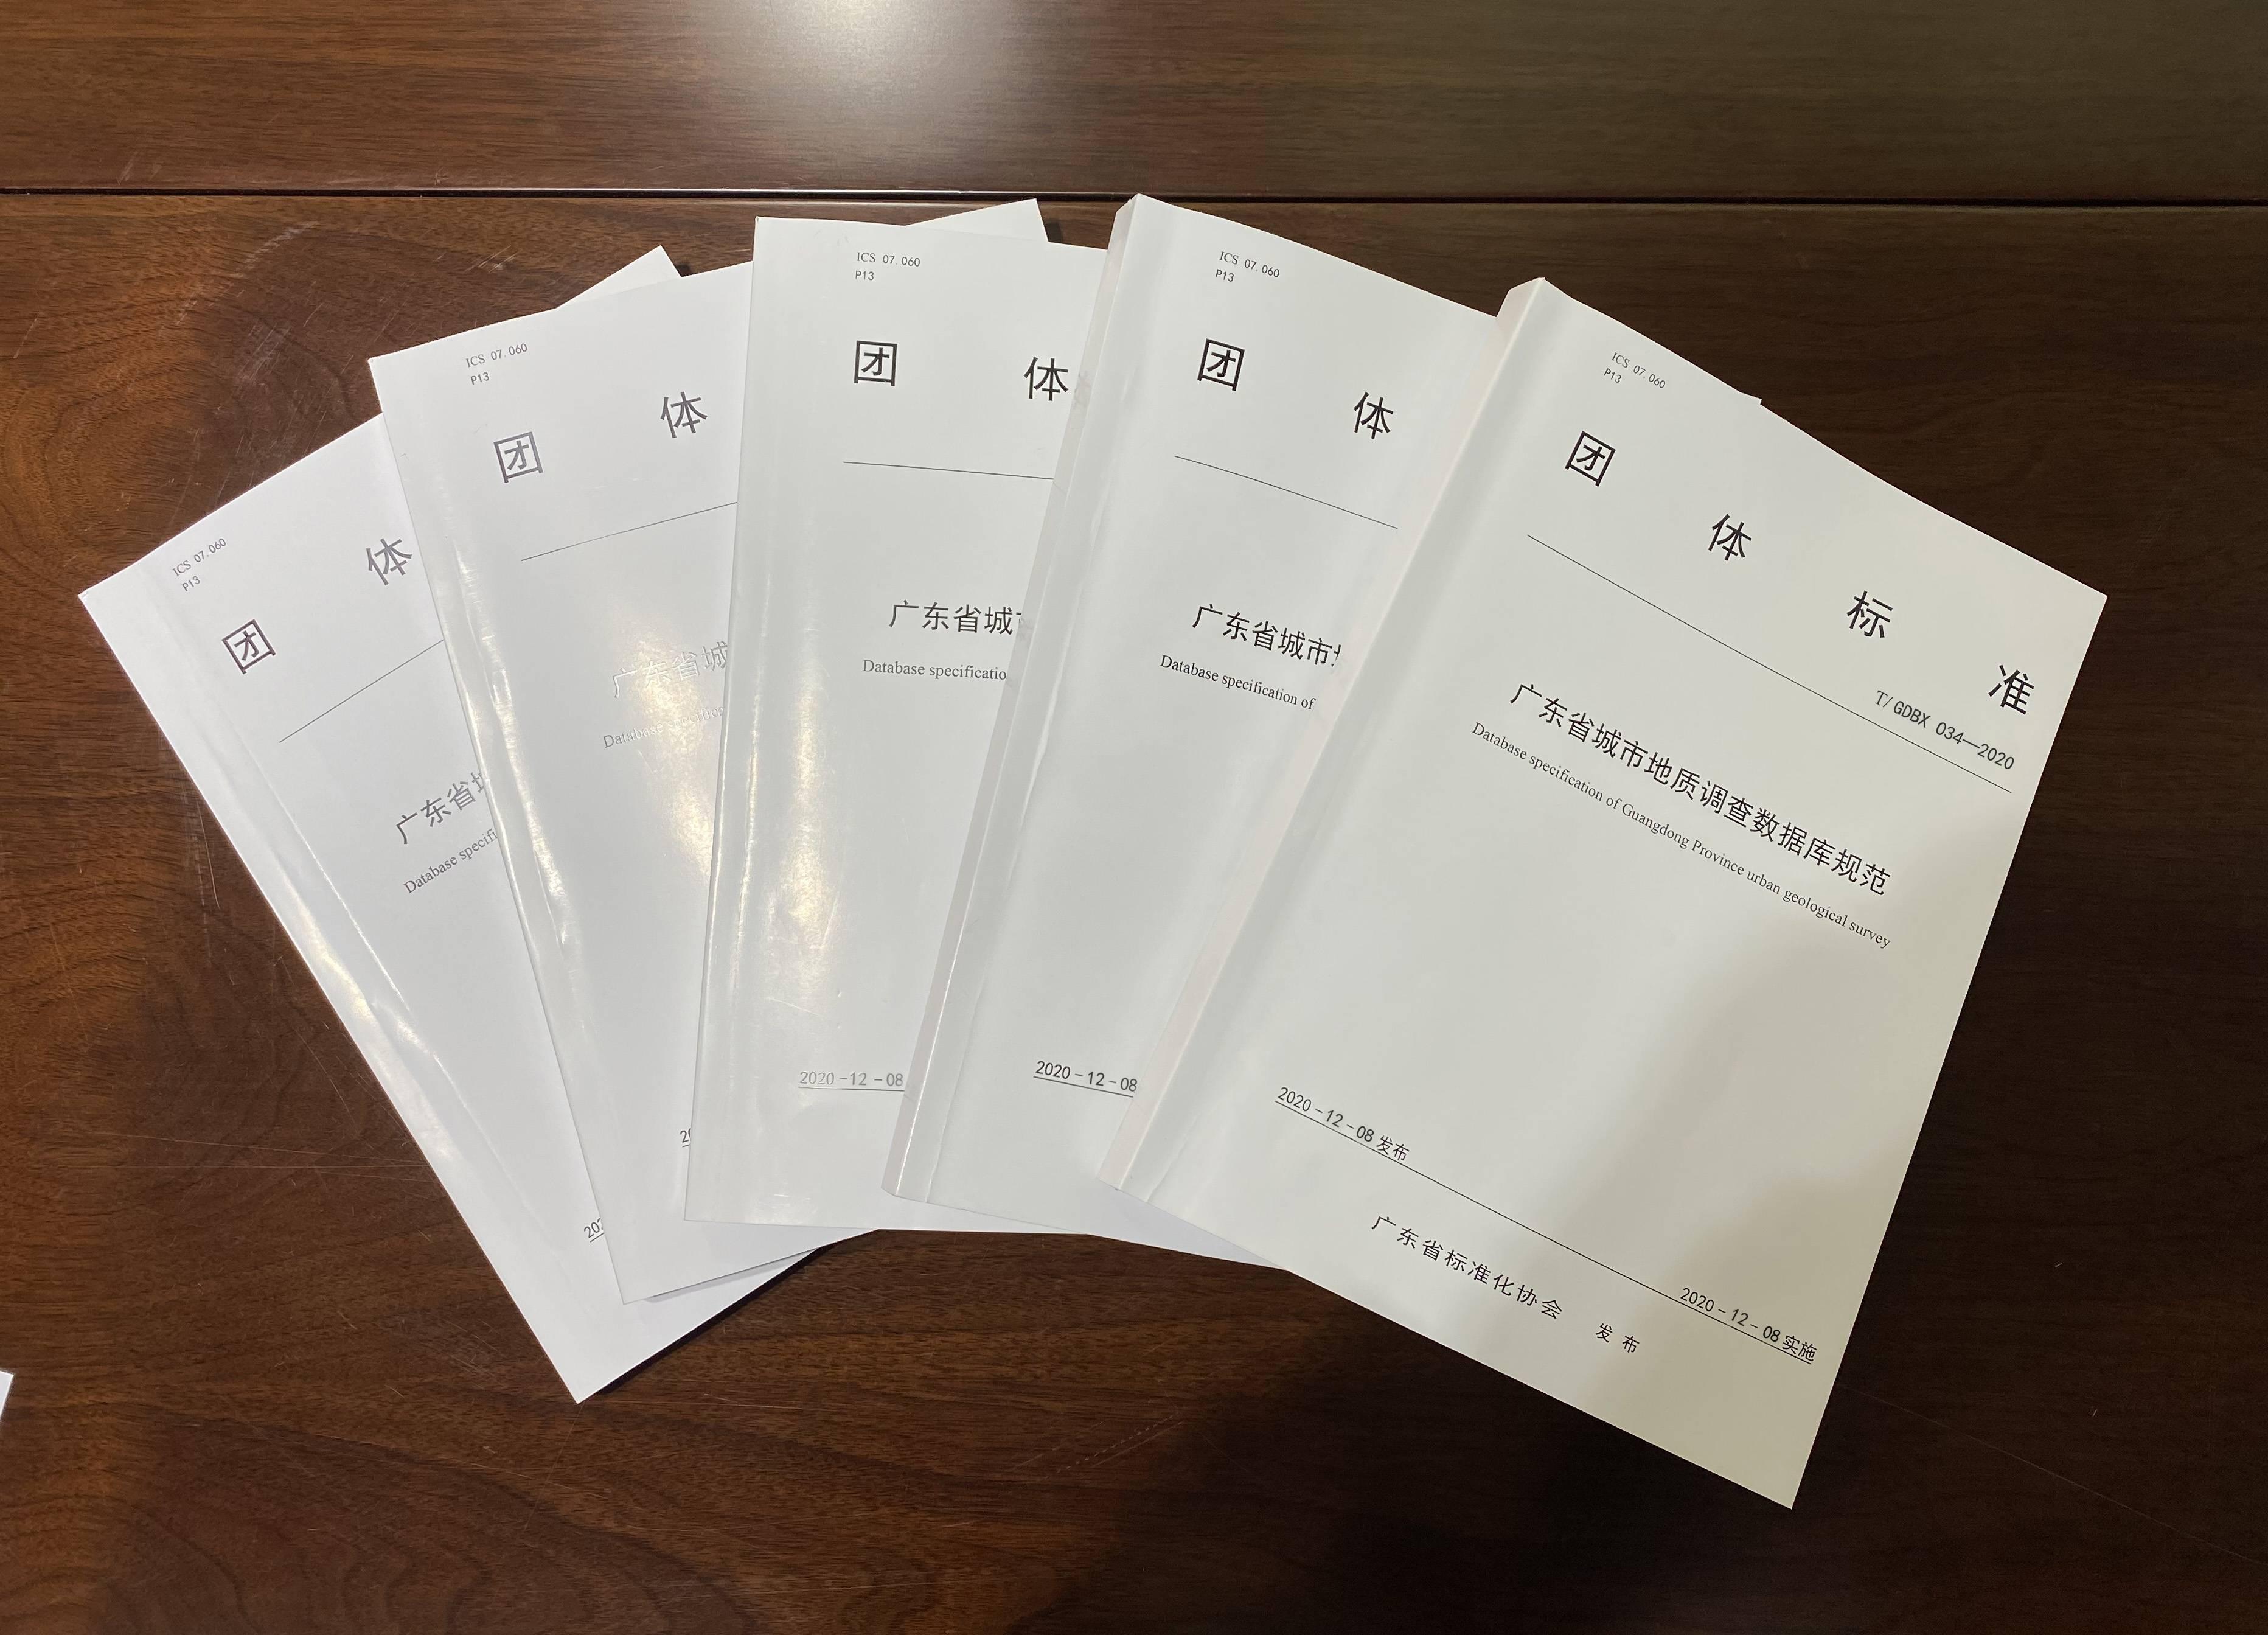 提前防地陷!粤发布国内首个省级城市地质调查数据库规范团标